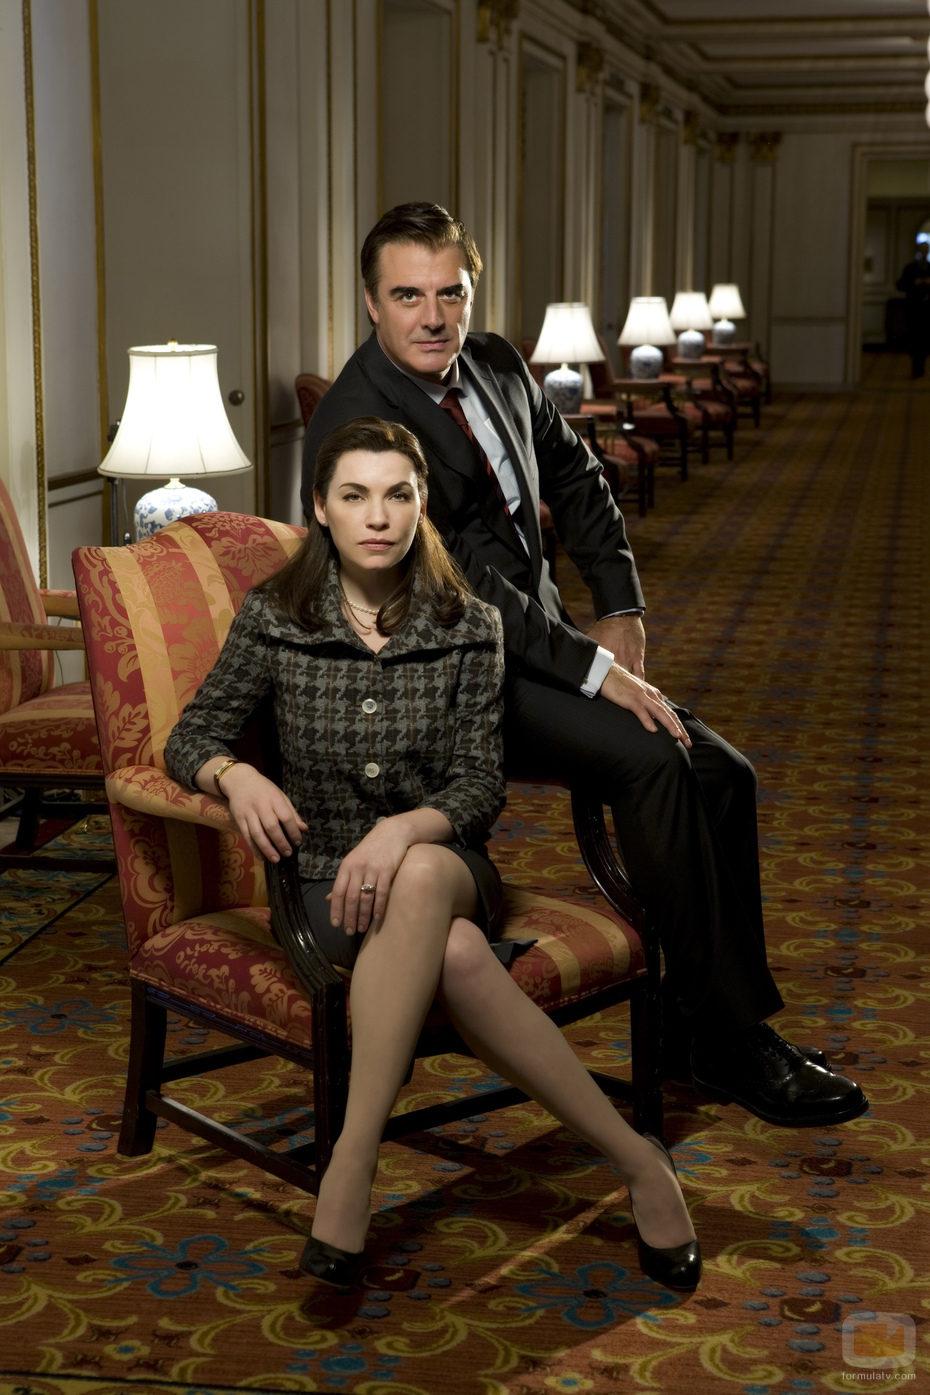 Peter y Alicia Florrick, de 'The Good Wife'